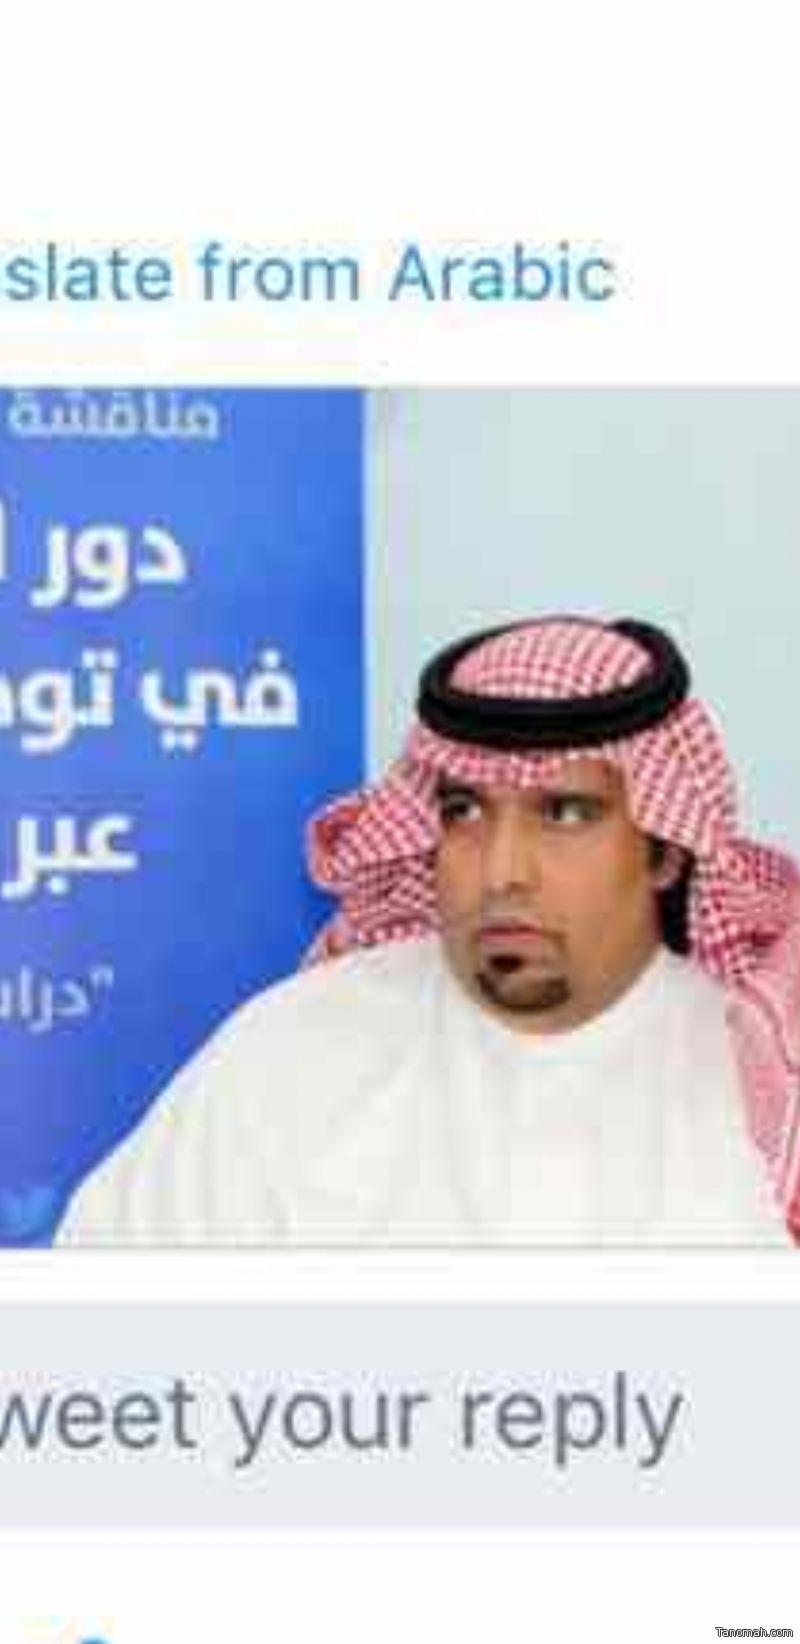 الماجستير لنايف بن علي عبود في الإعلام